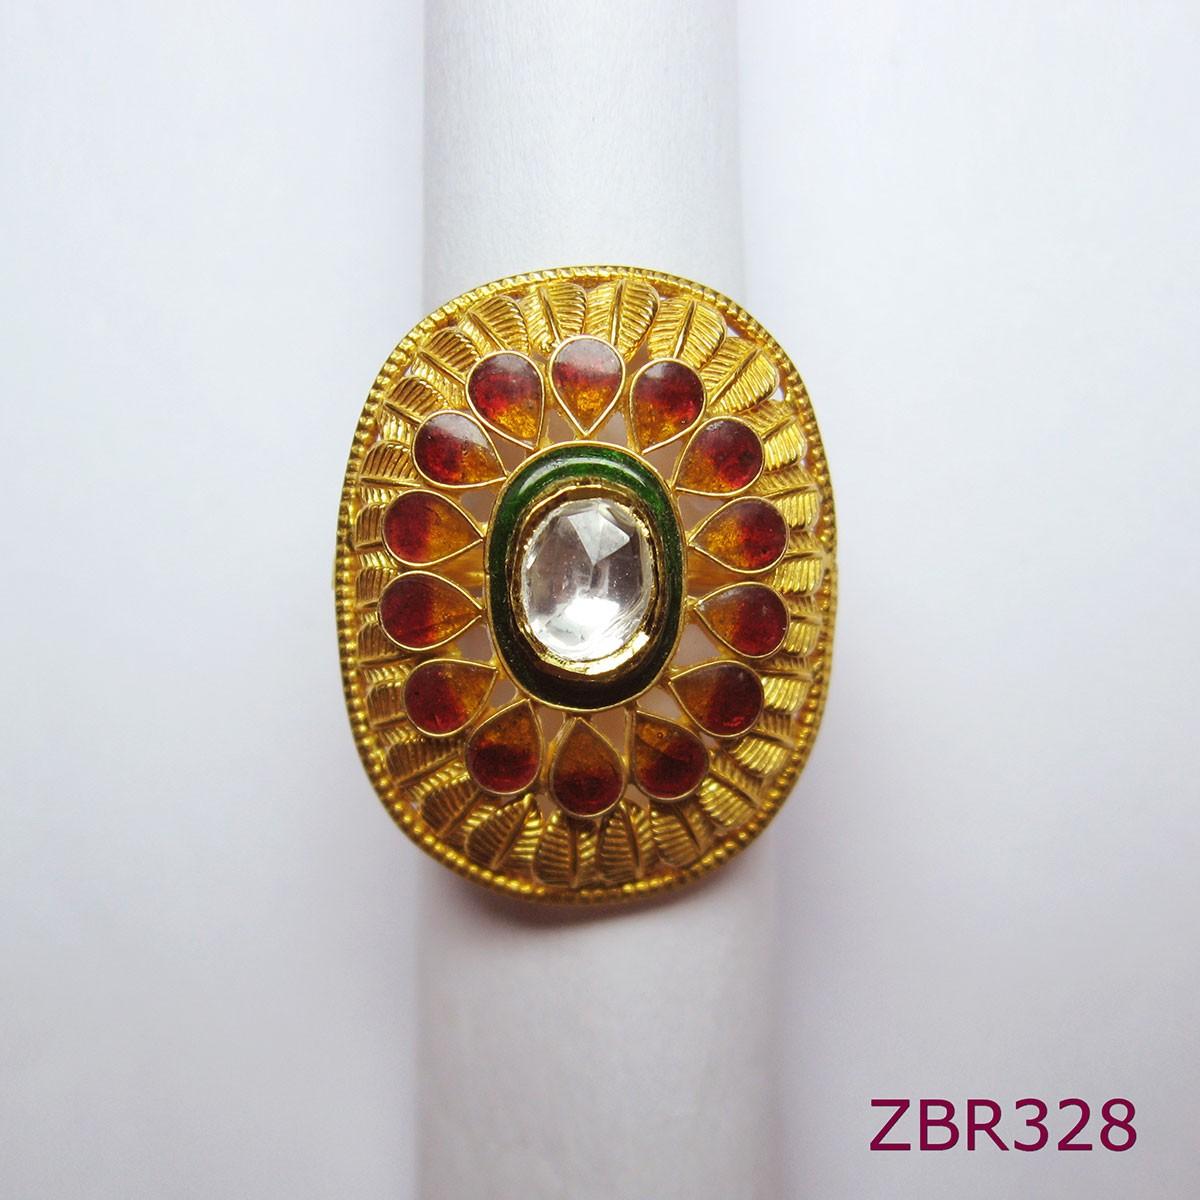 ZBR328